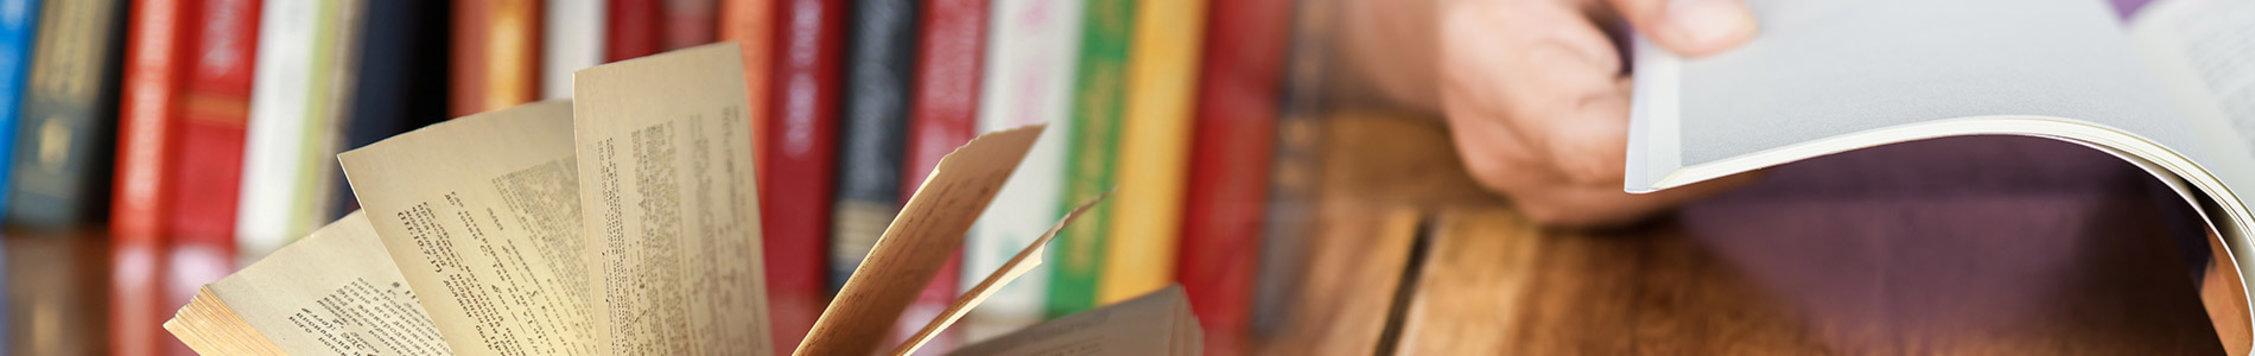 Boeken Cadeaukaart kopen